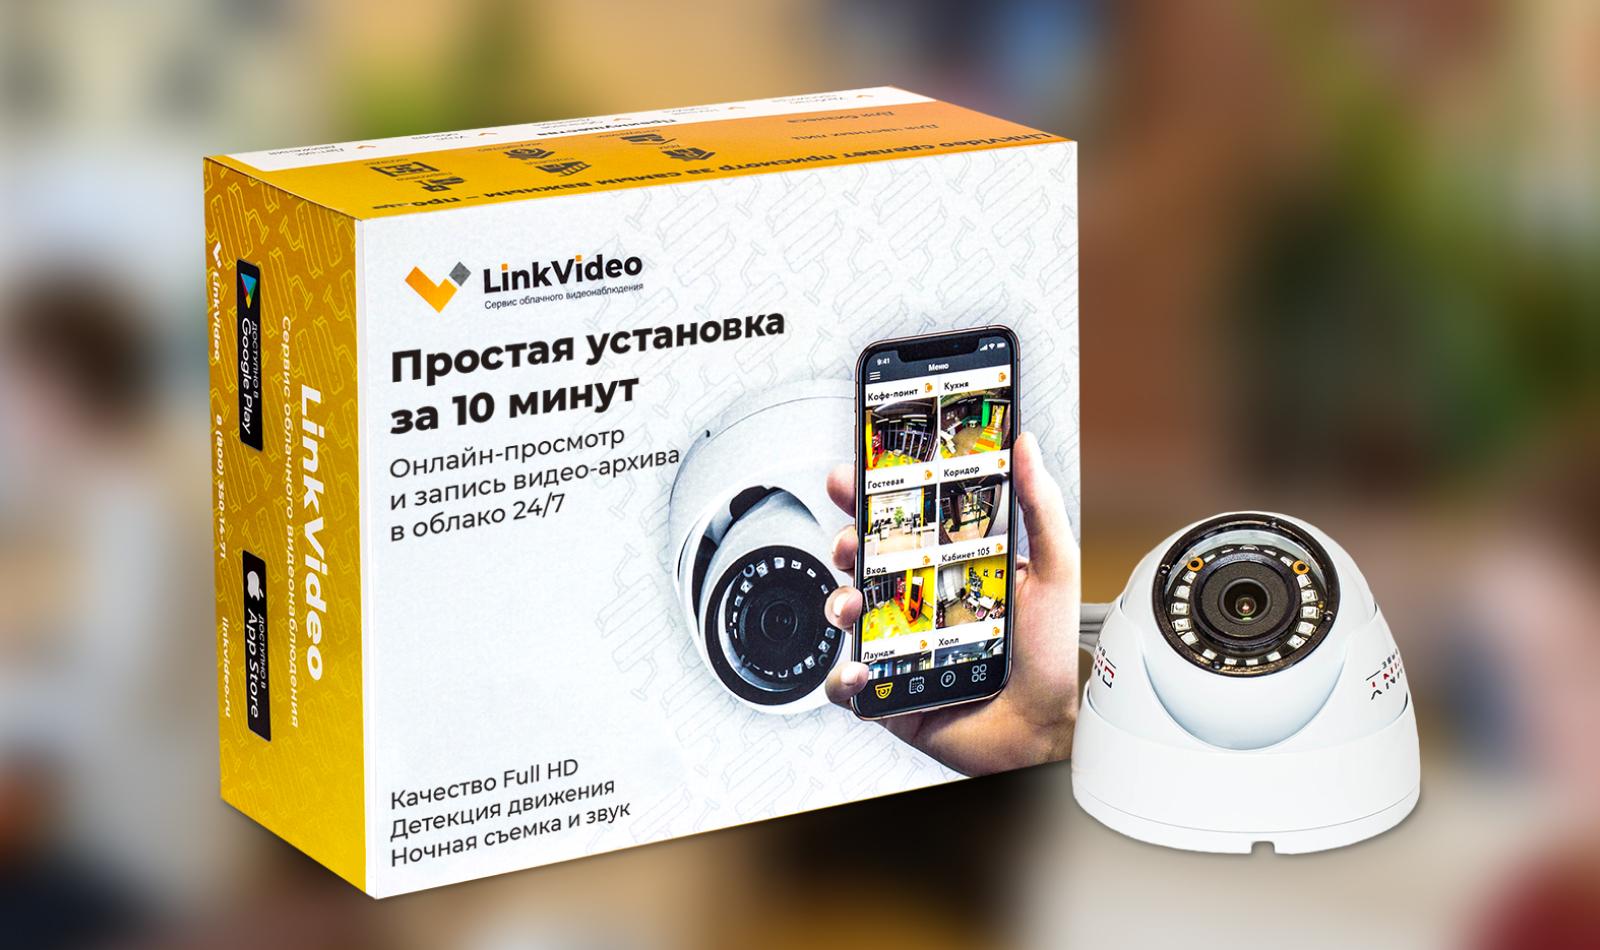 LinkVideo: видеонаблюдение для бизнеса стало еще проще и доступнее